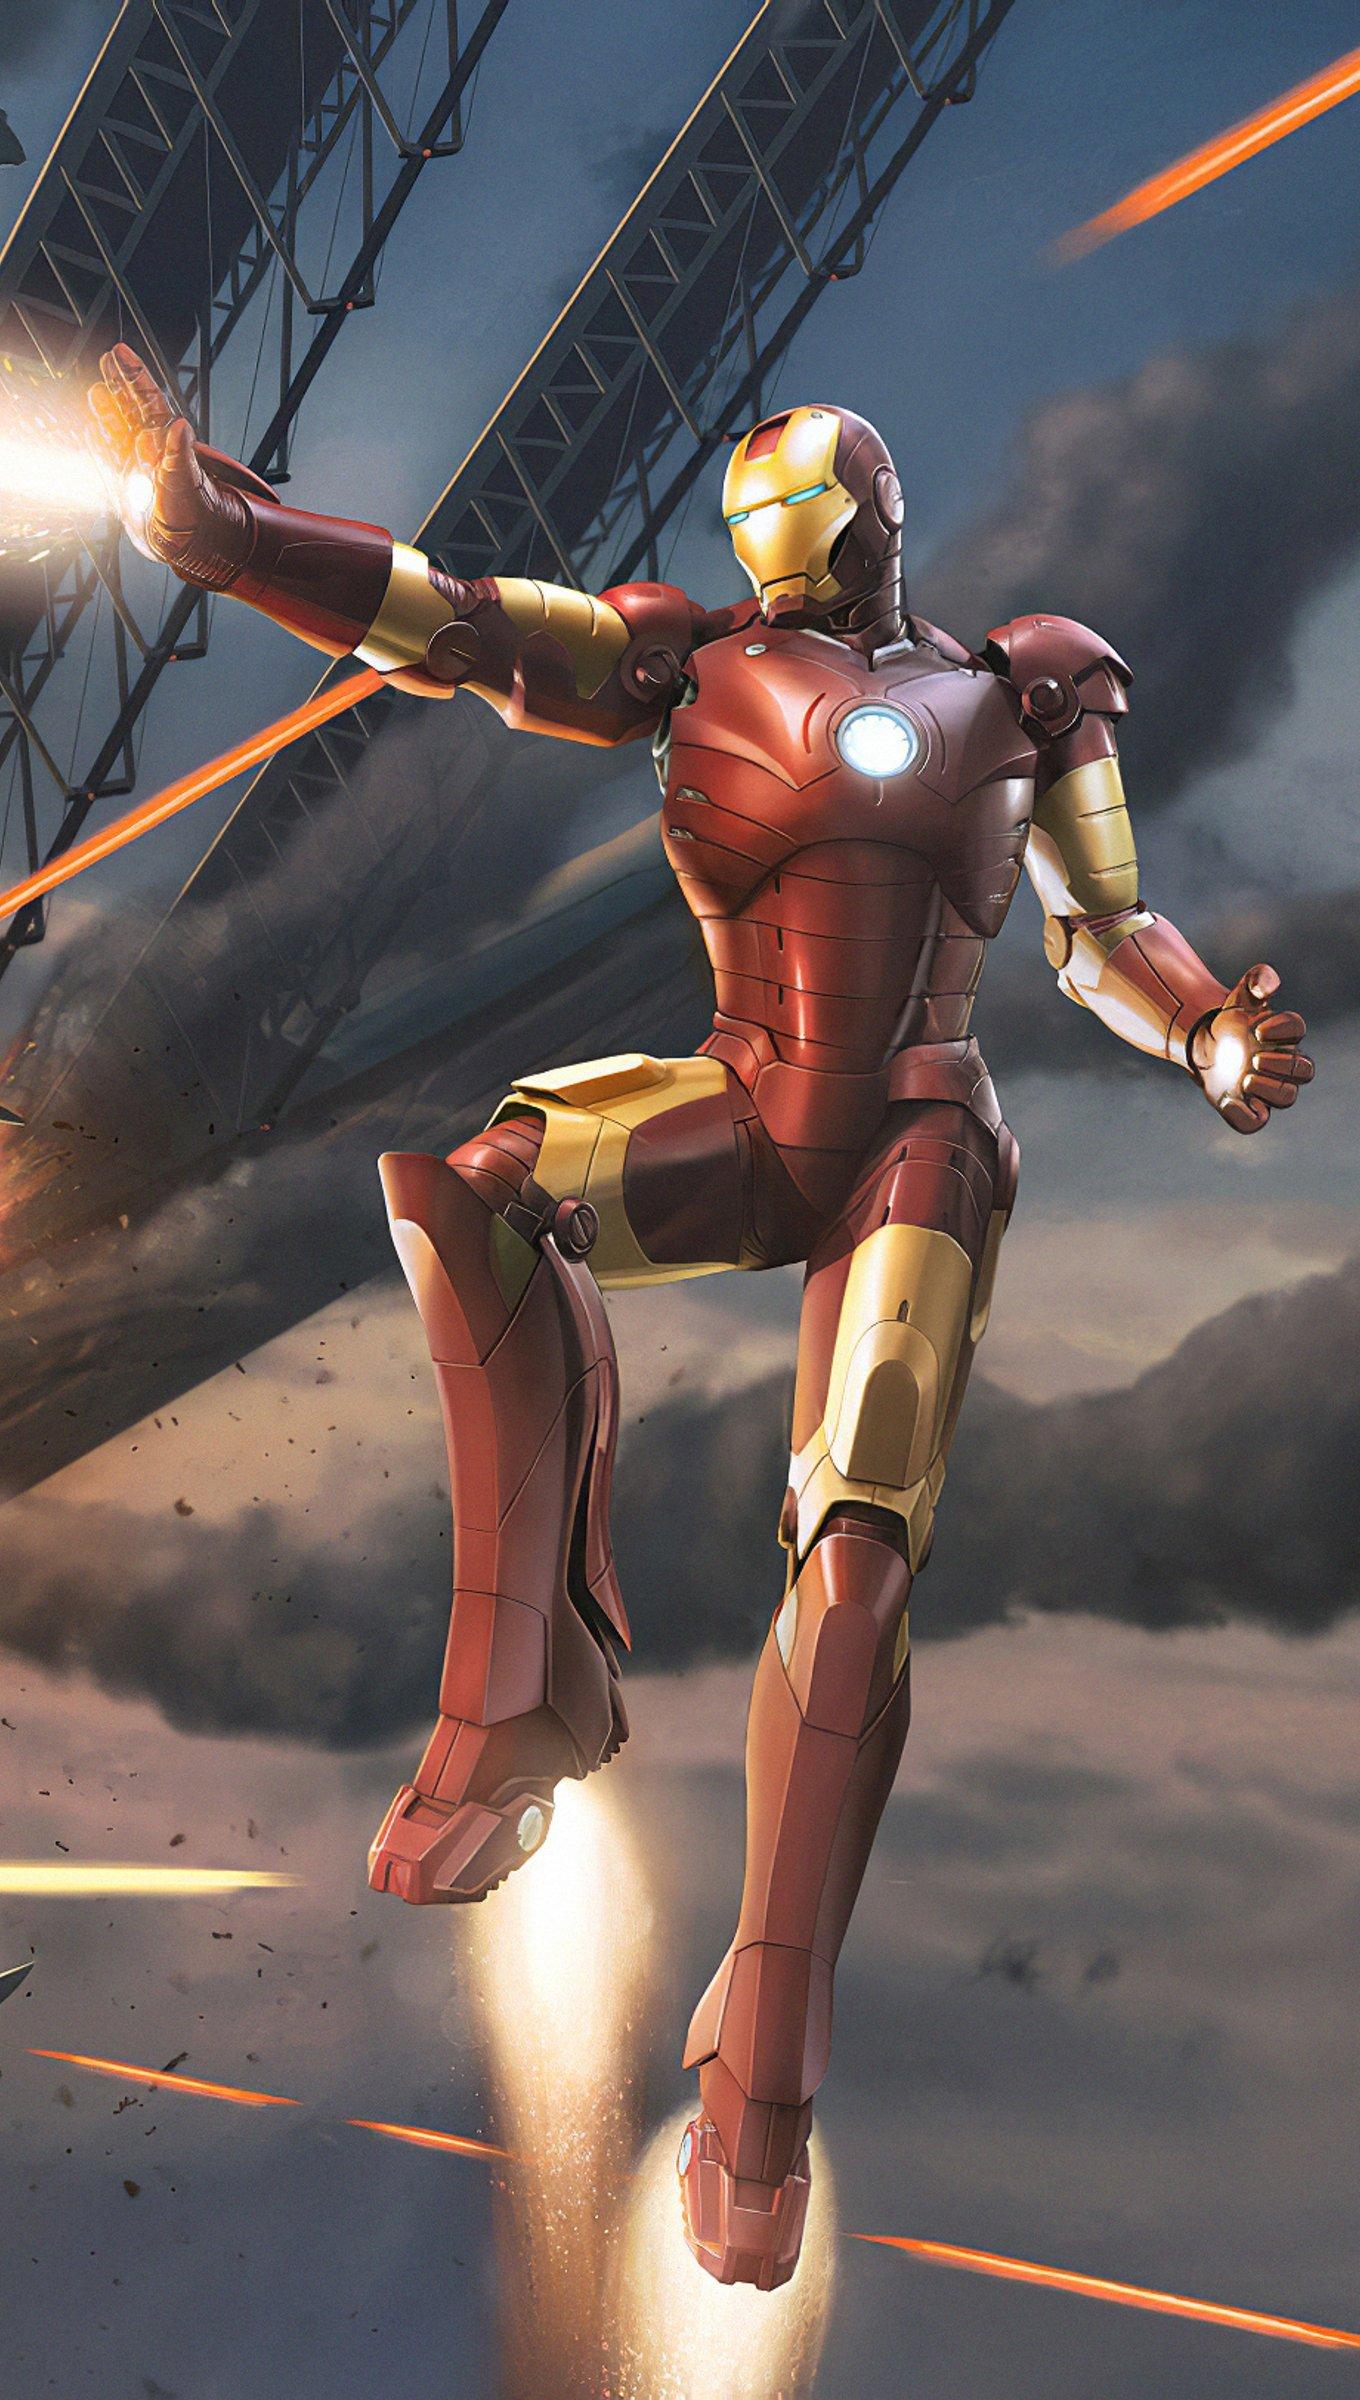 Fondos de pantalla Iron Man en batalla Vertical